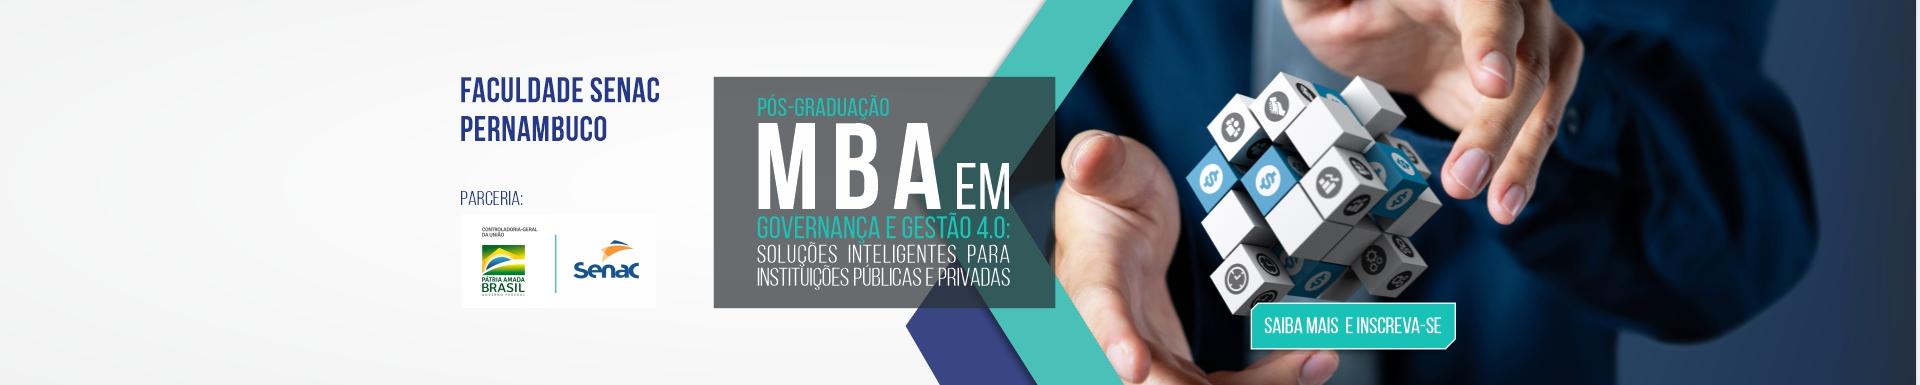 MBA Governança e Gestão 4.0